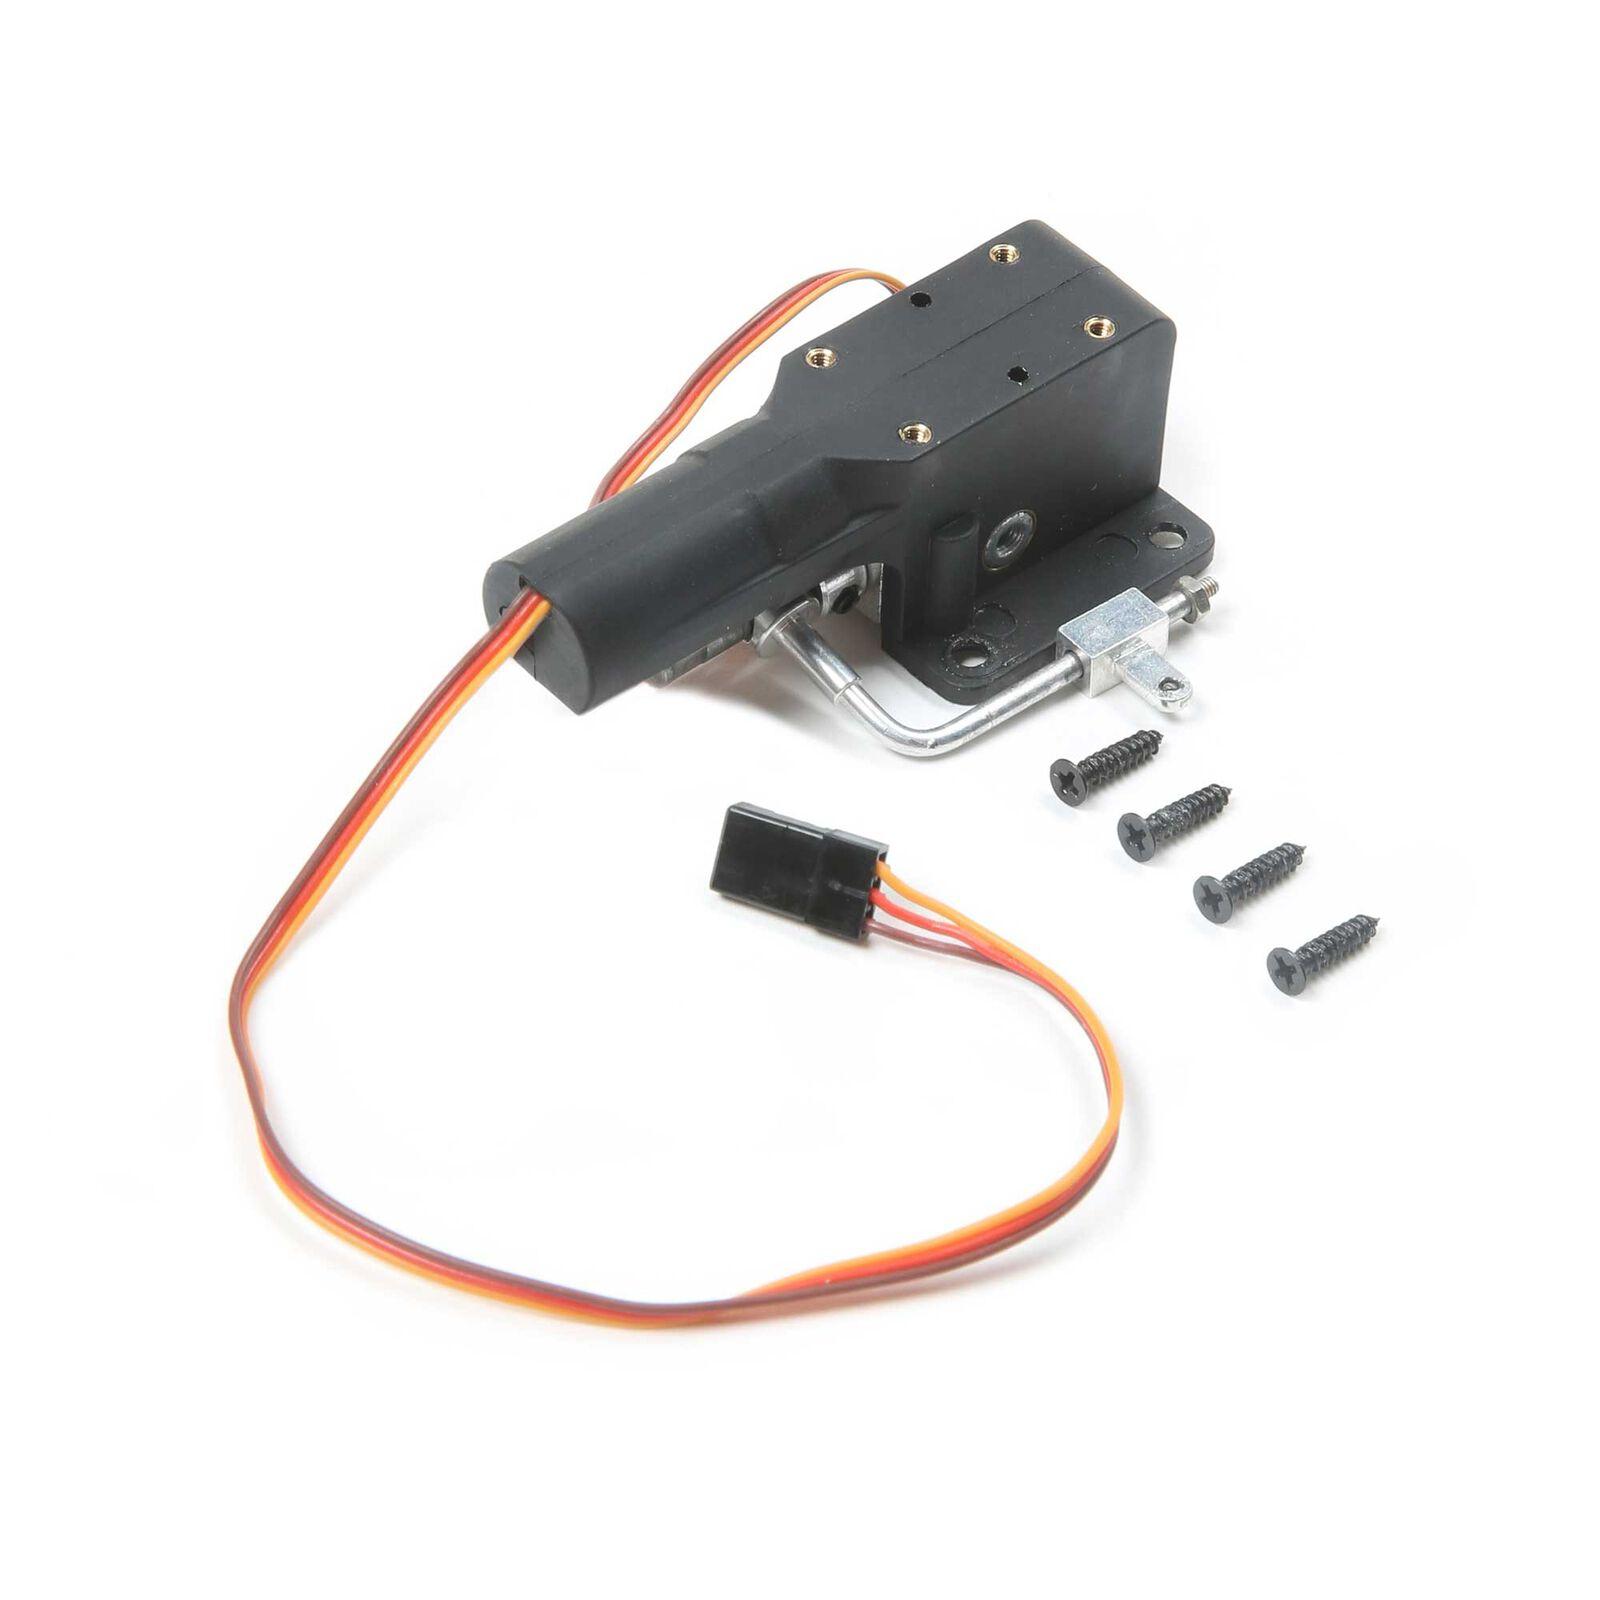 E-Retract Unit: Nose Gear 80mm EDF